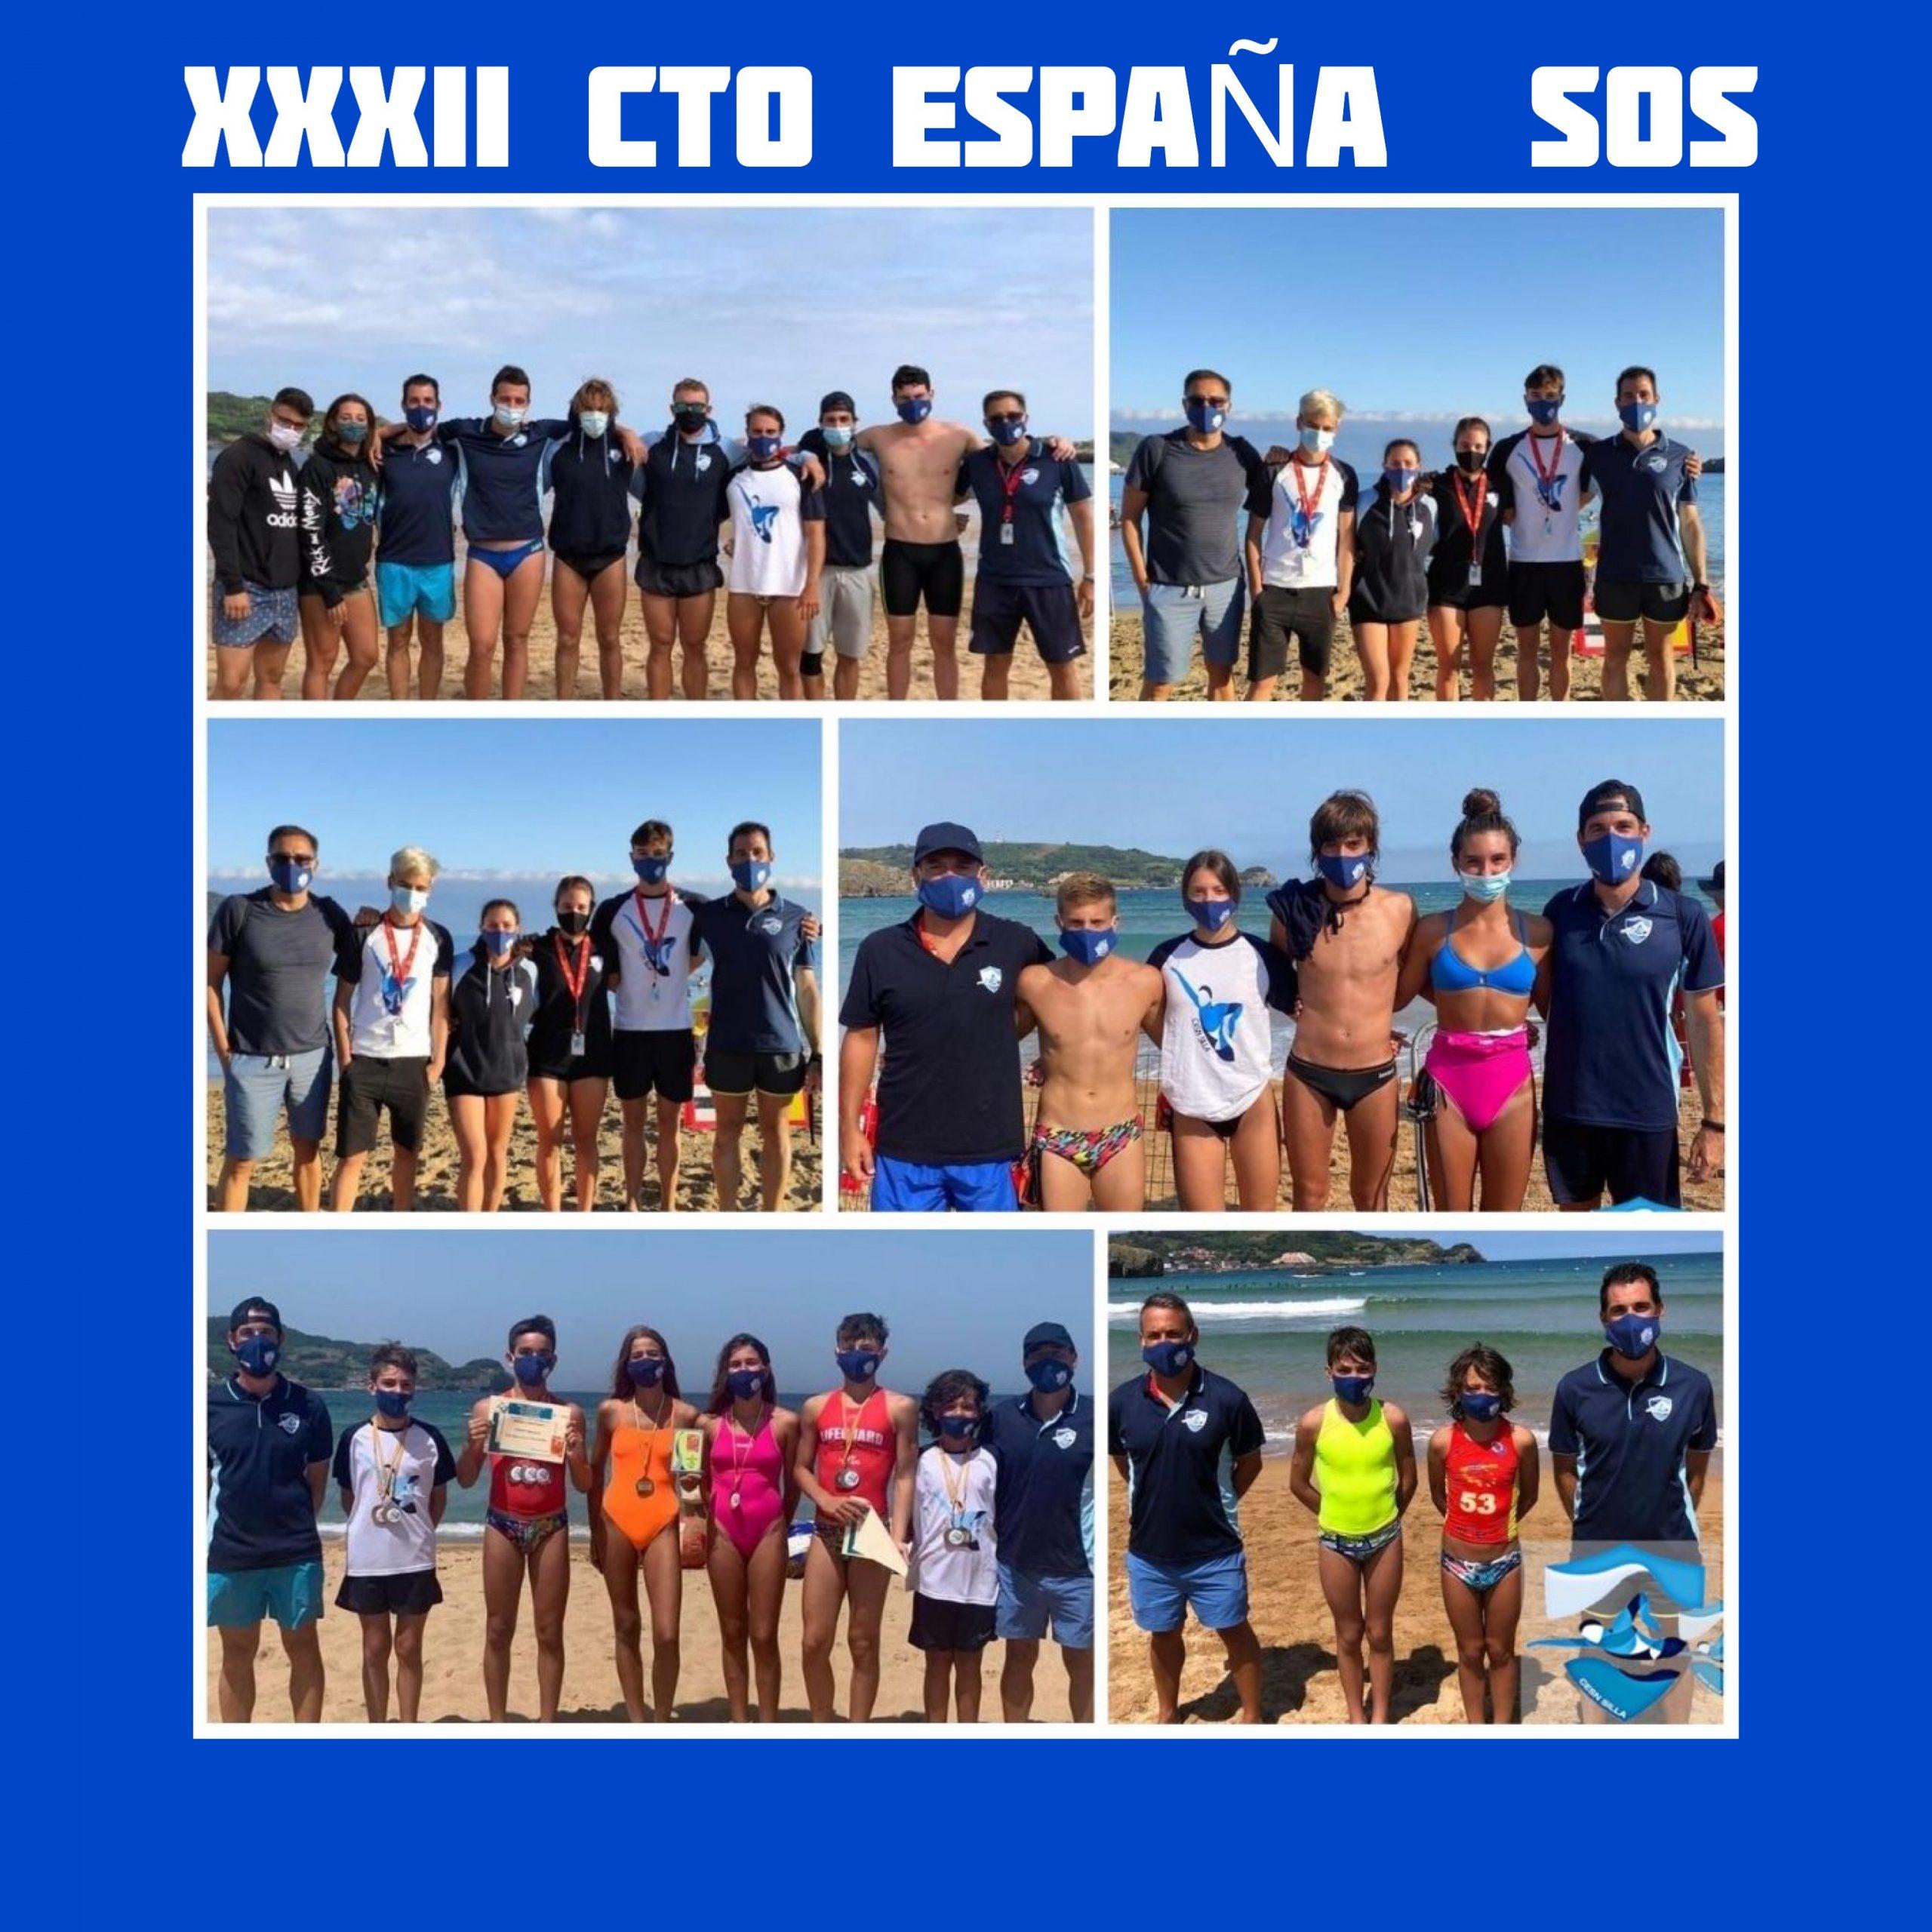 XXXII Cto España SOS playa